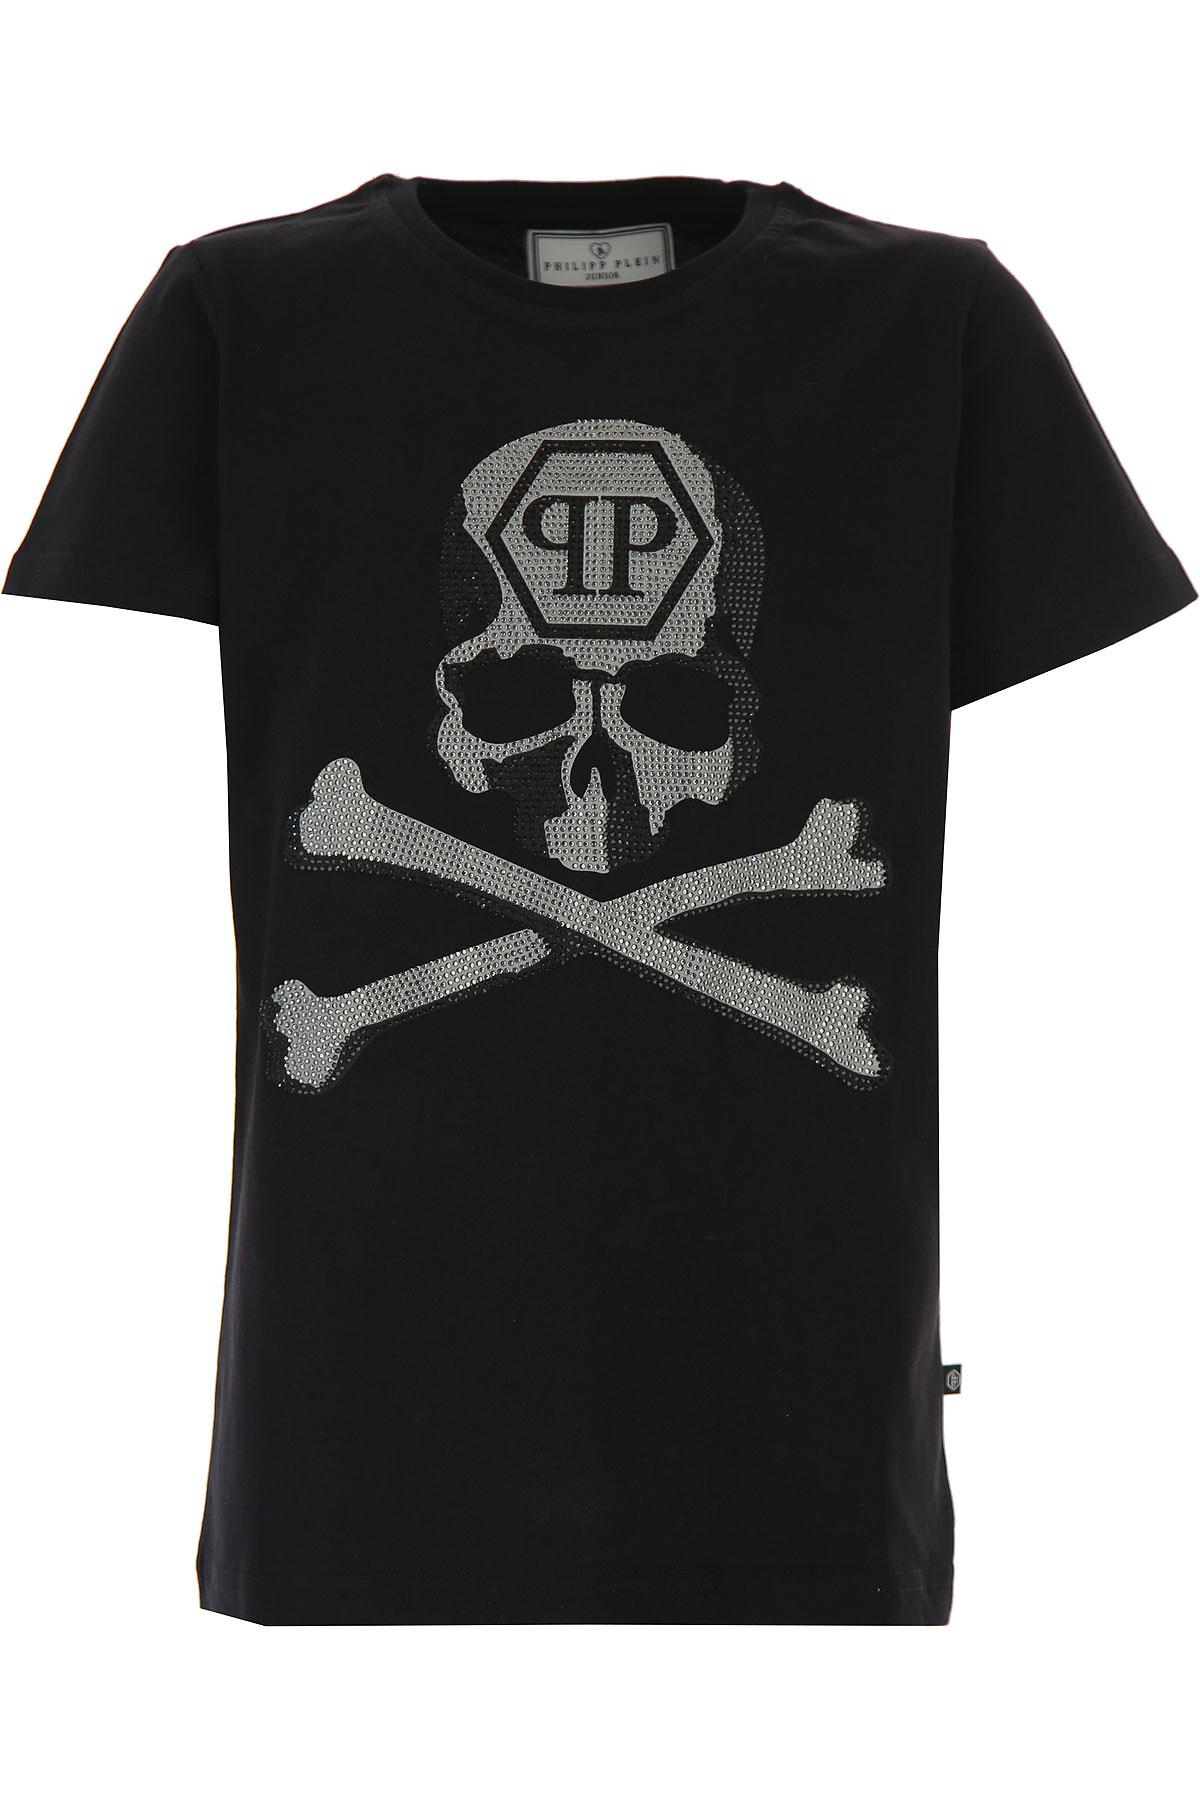 Philipp Plein Kids T-Shirt for Boys On Sale, Black, Cotton, 2019, 10Y 16Y 8Y